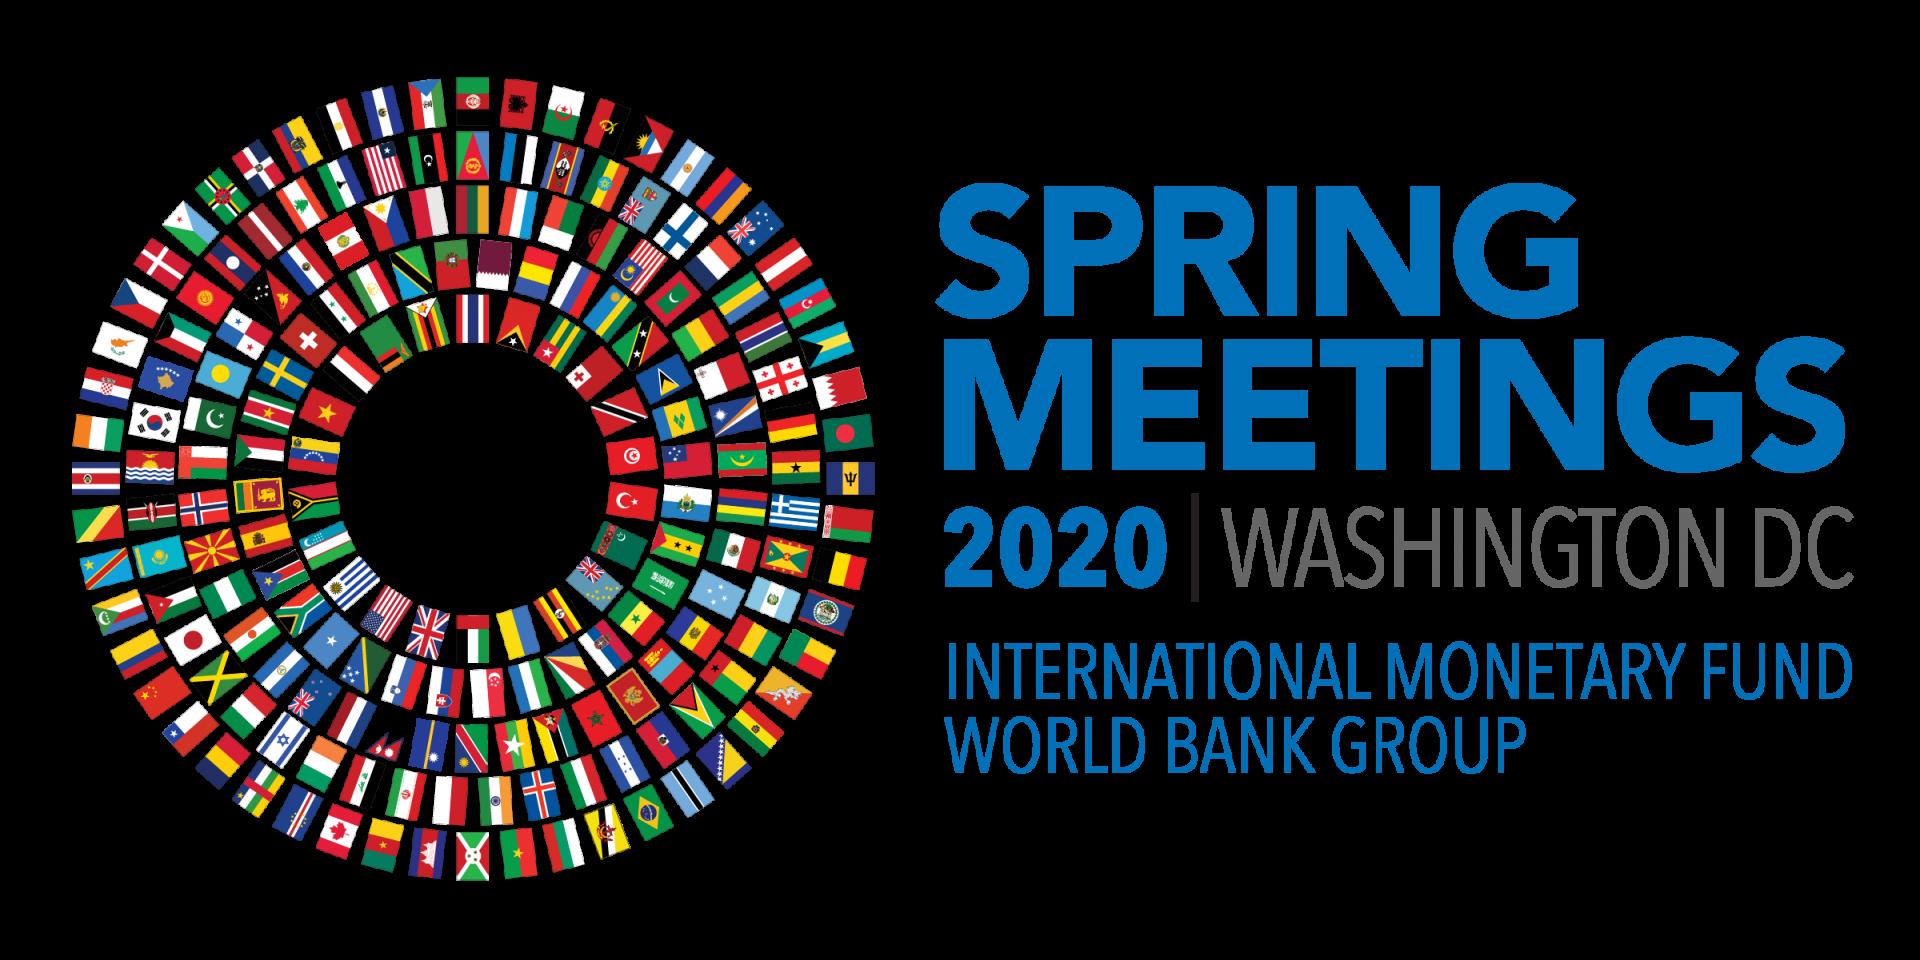 МВФ и ВБ примут решение относительно формата весенней сессии на фоне вспышки коронавируса